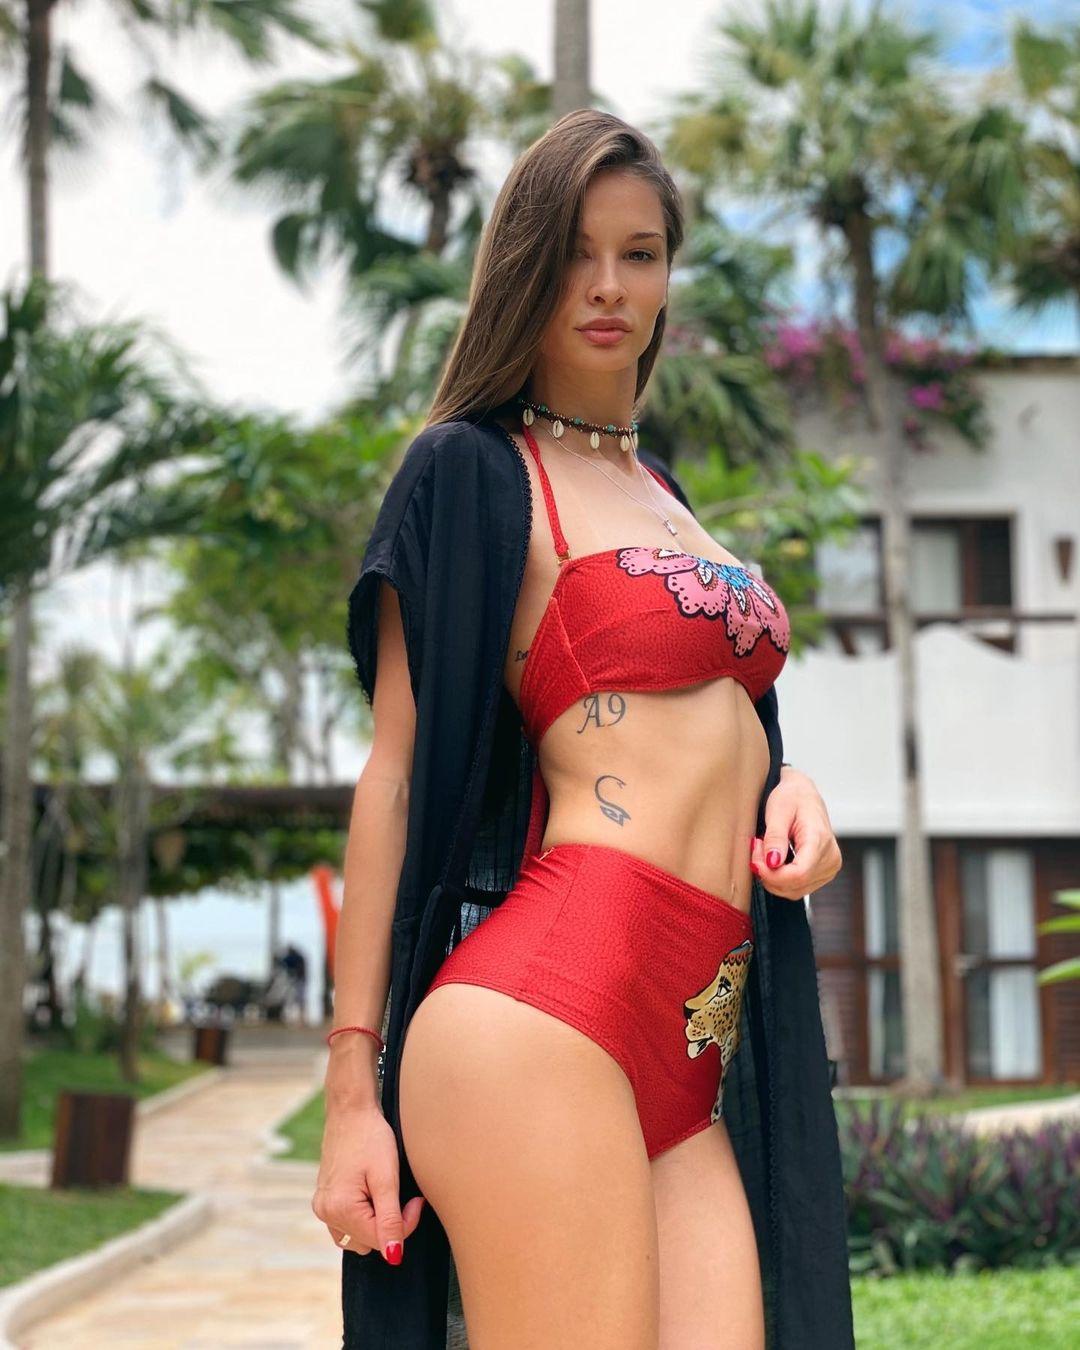 Наталья Грызлова Да Силва Феррейра – жена Ари. Благодаря этой девушке бразилец влюбился в Россию!